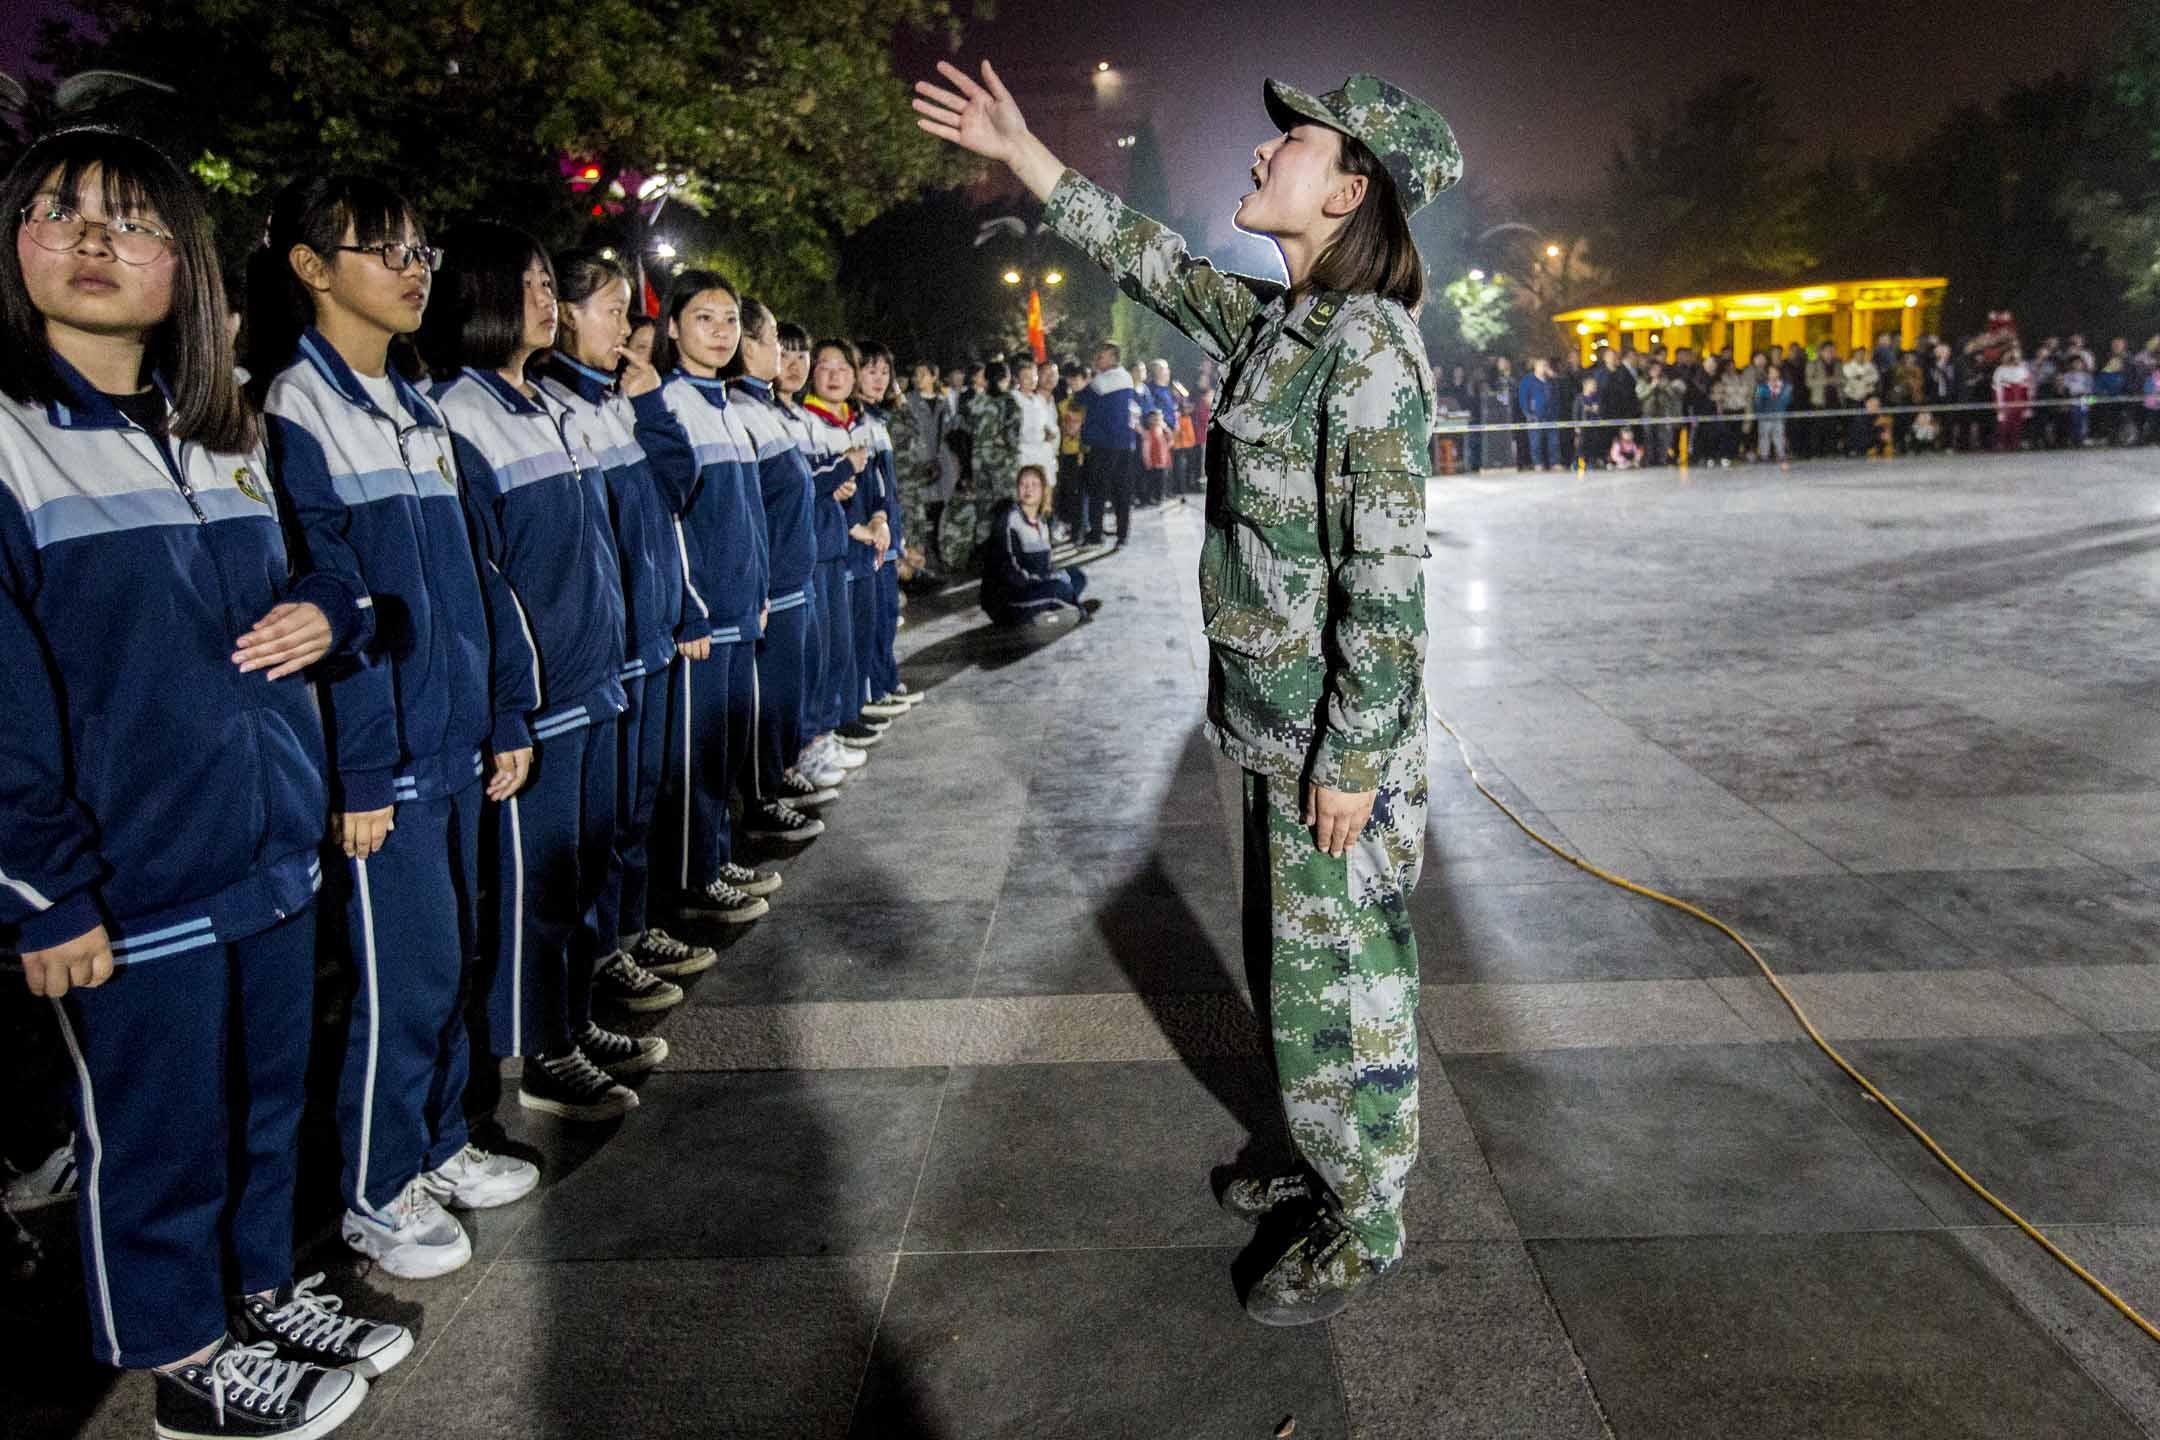 2019年4月29日,河南安陽市貞元廣場,有中學生舉行「青春心向黨建功新時代」以紀念五四運動100週年。 圖:IC photo